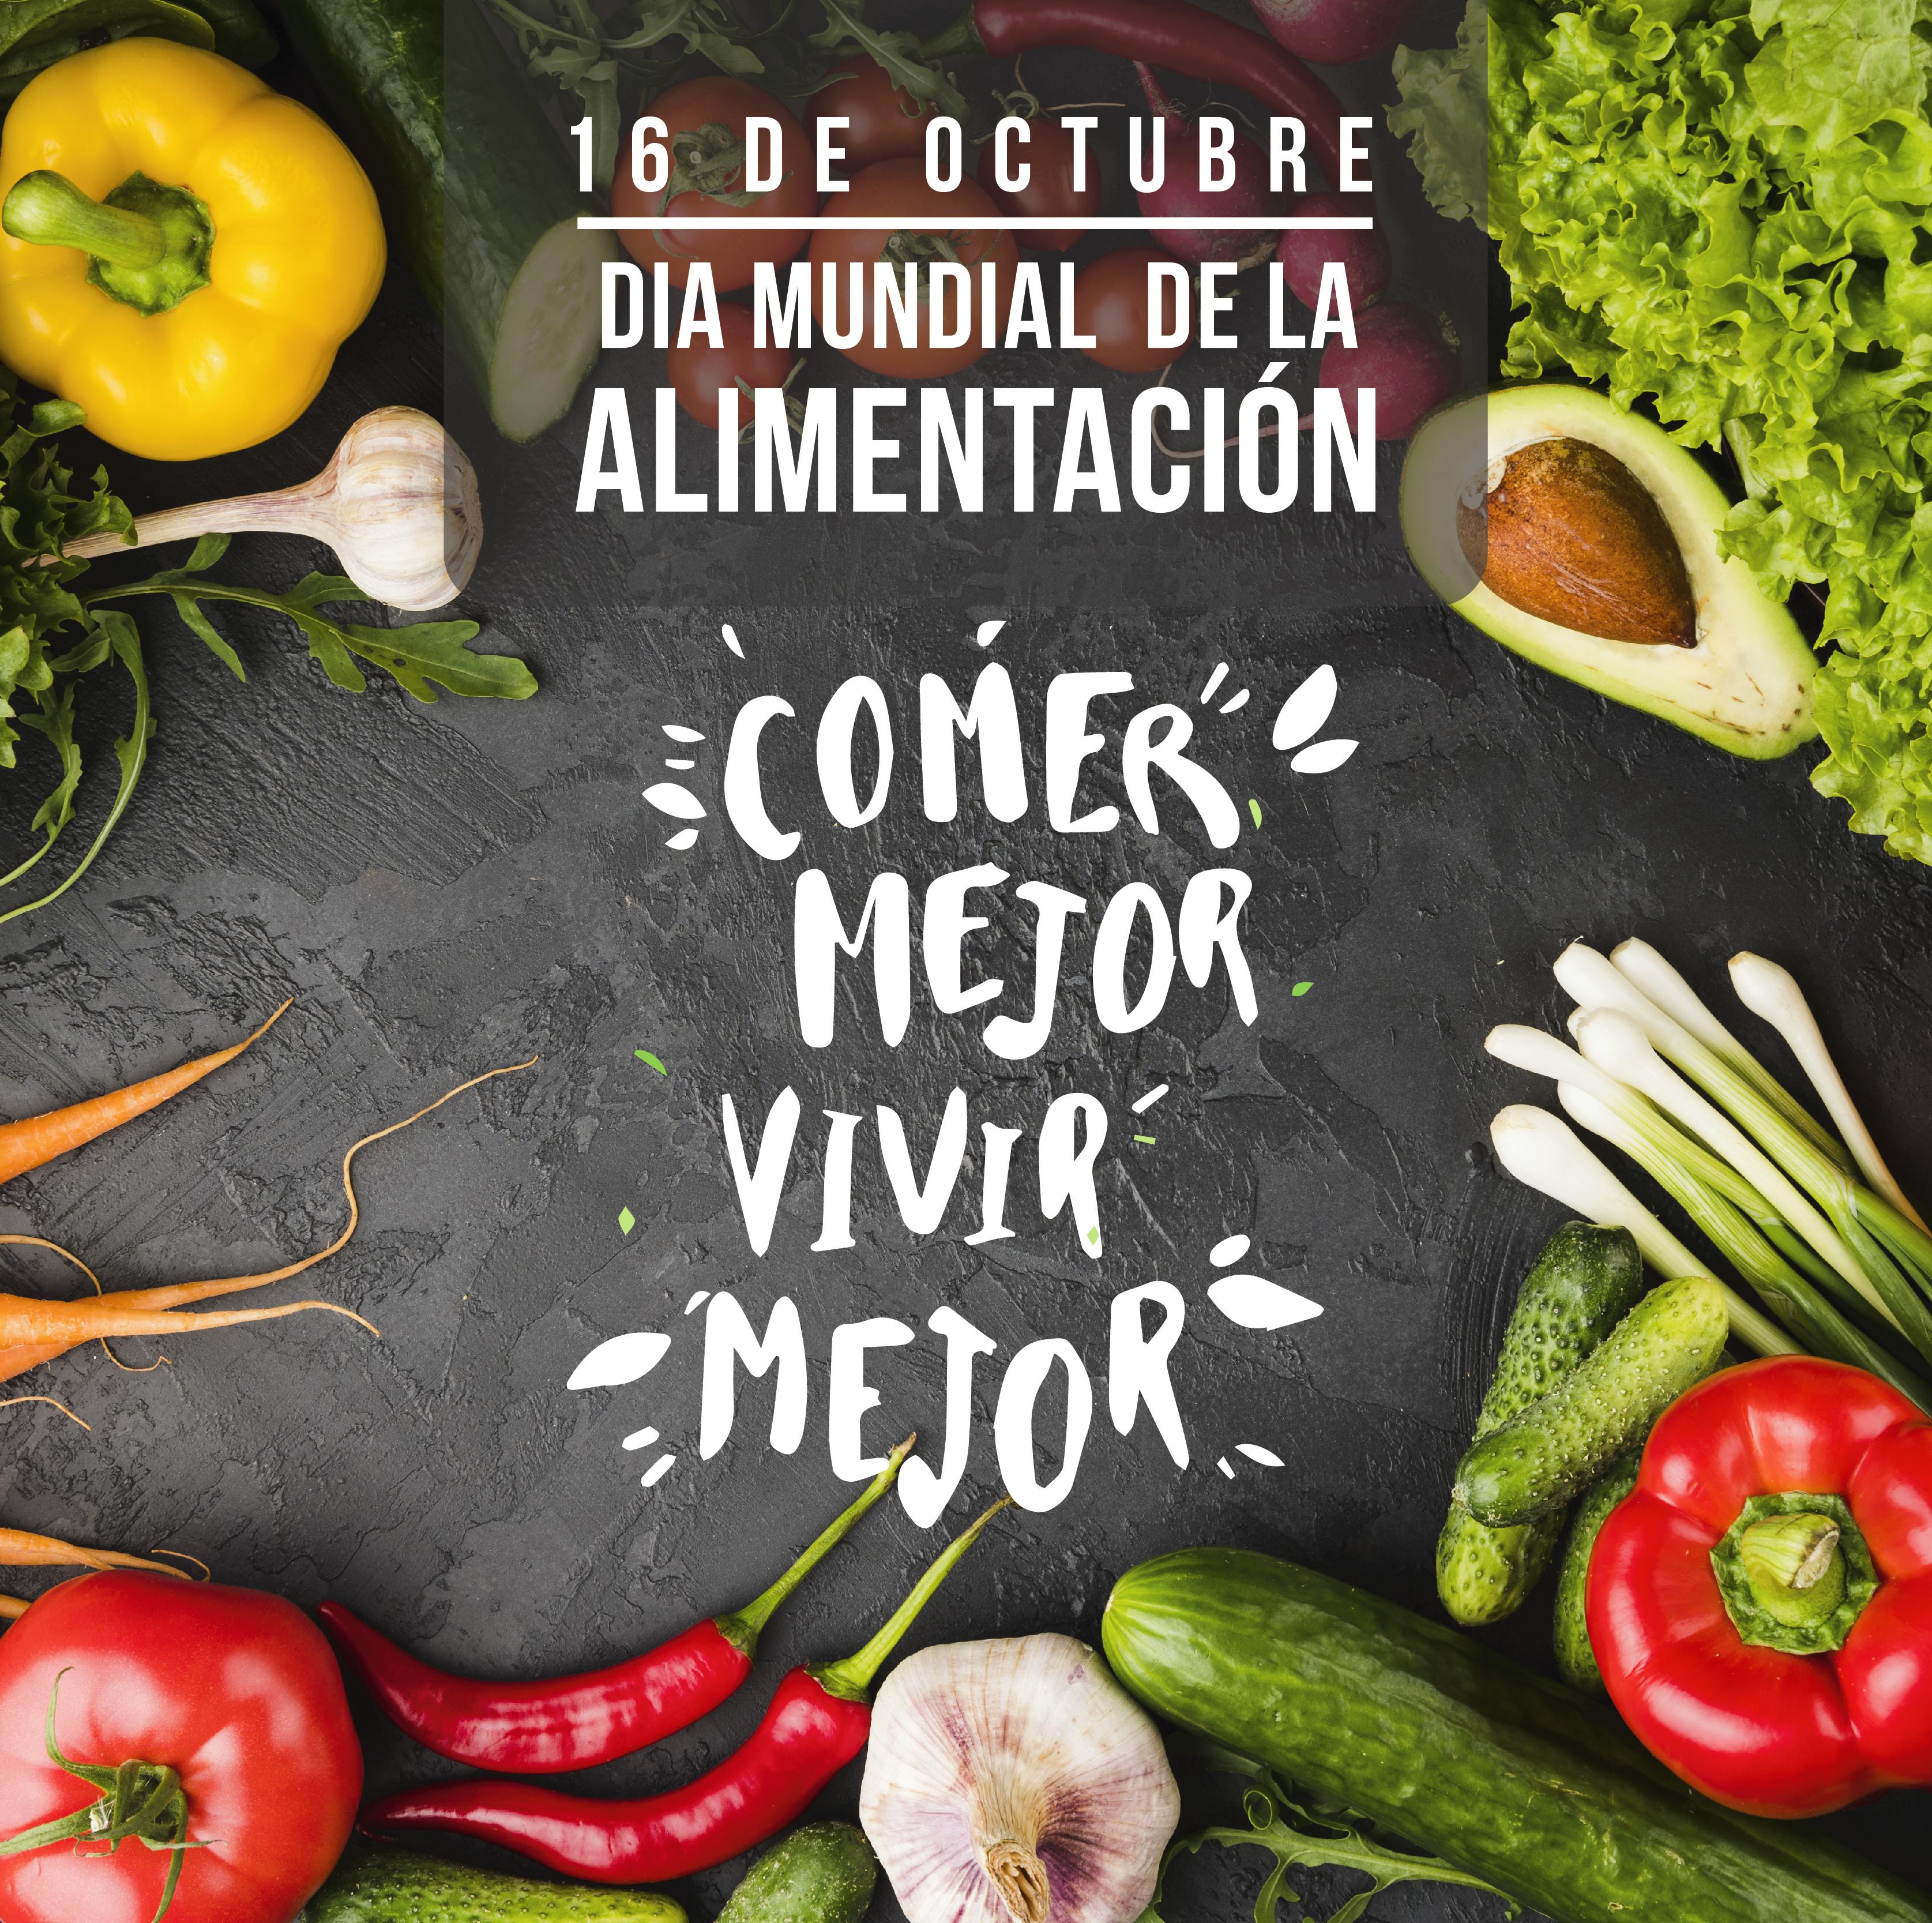 Dia Mundial De La Alimentacion Sociedad Medica Universal